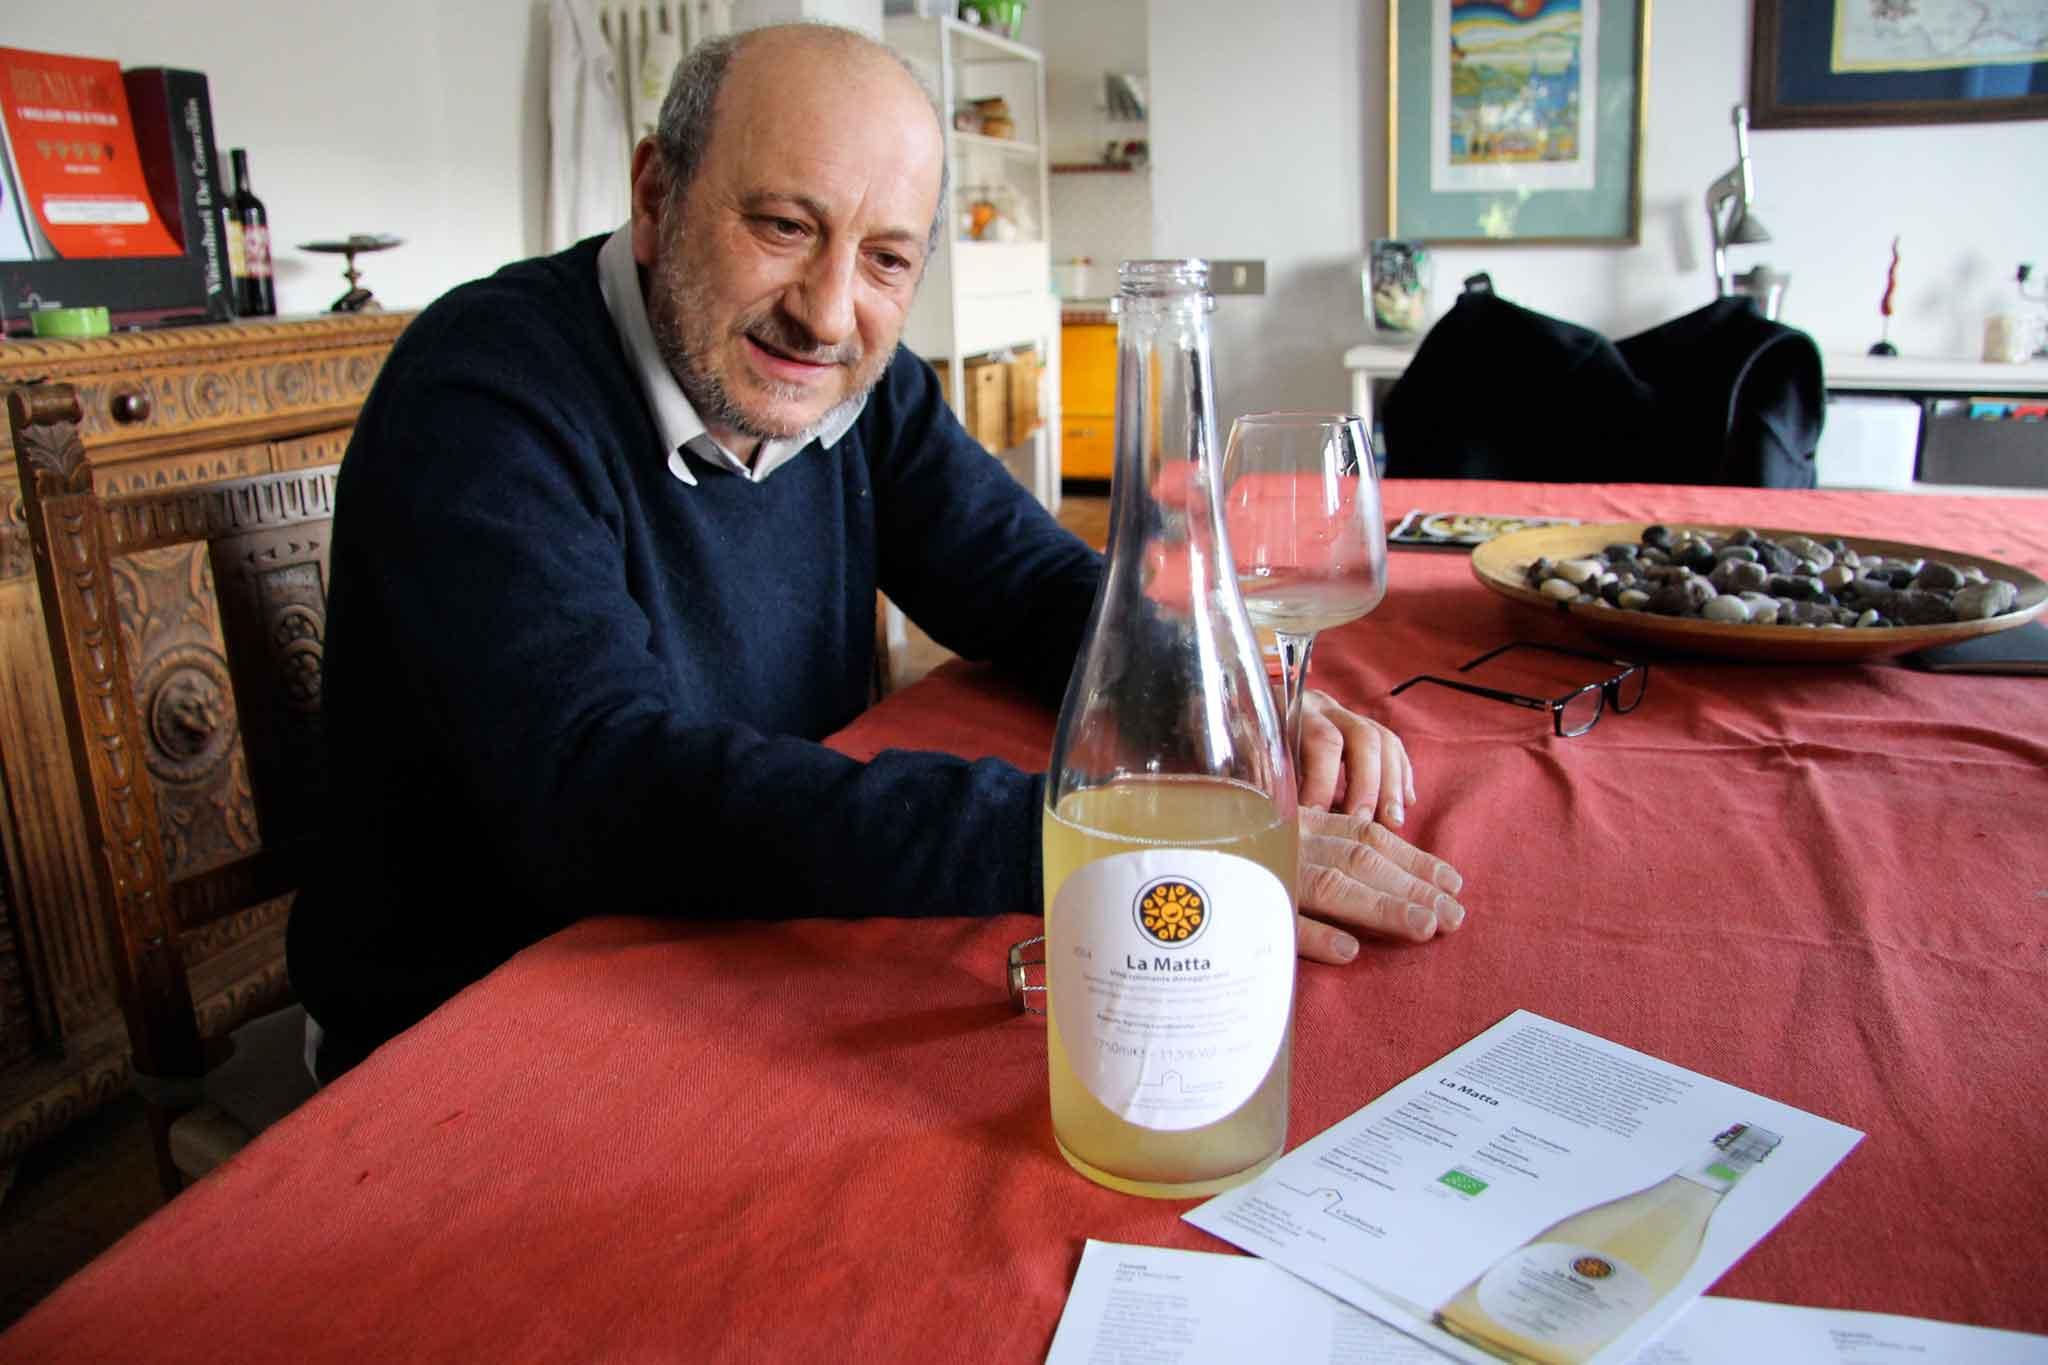 Pasquale Mitrano Casebianche